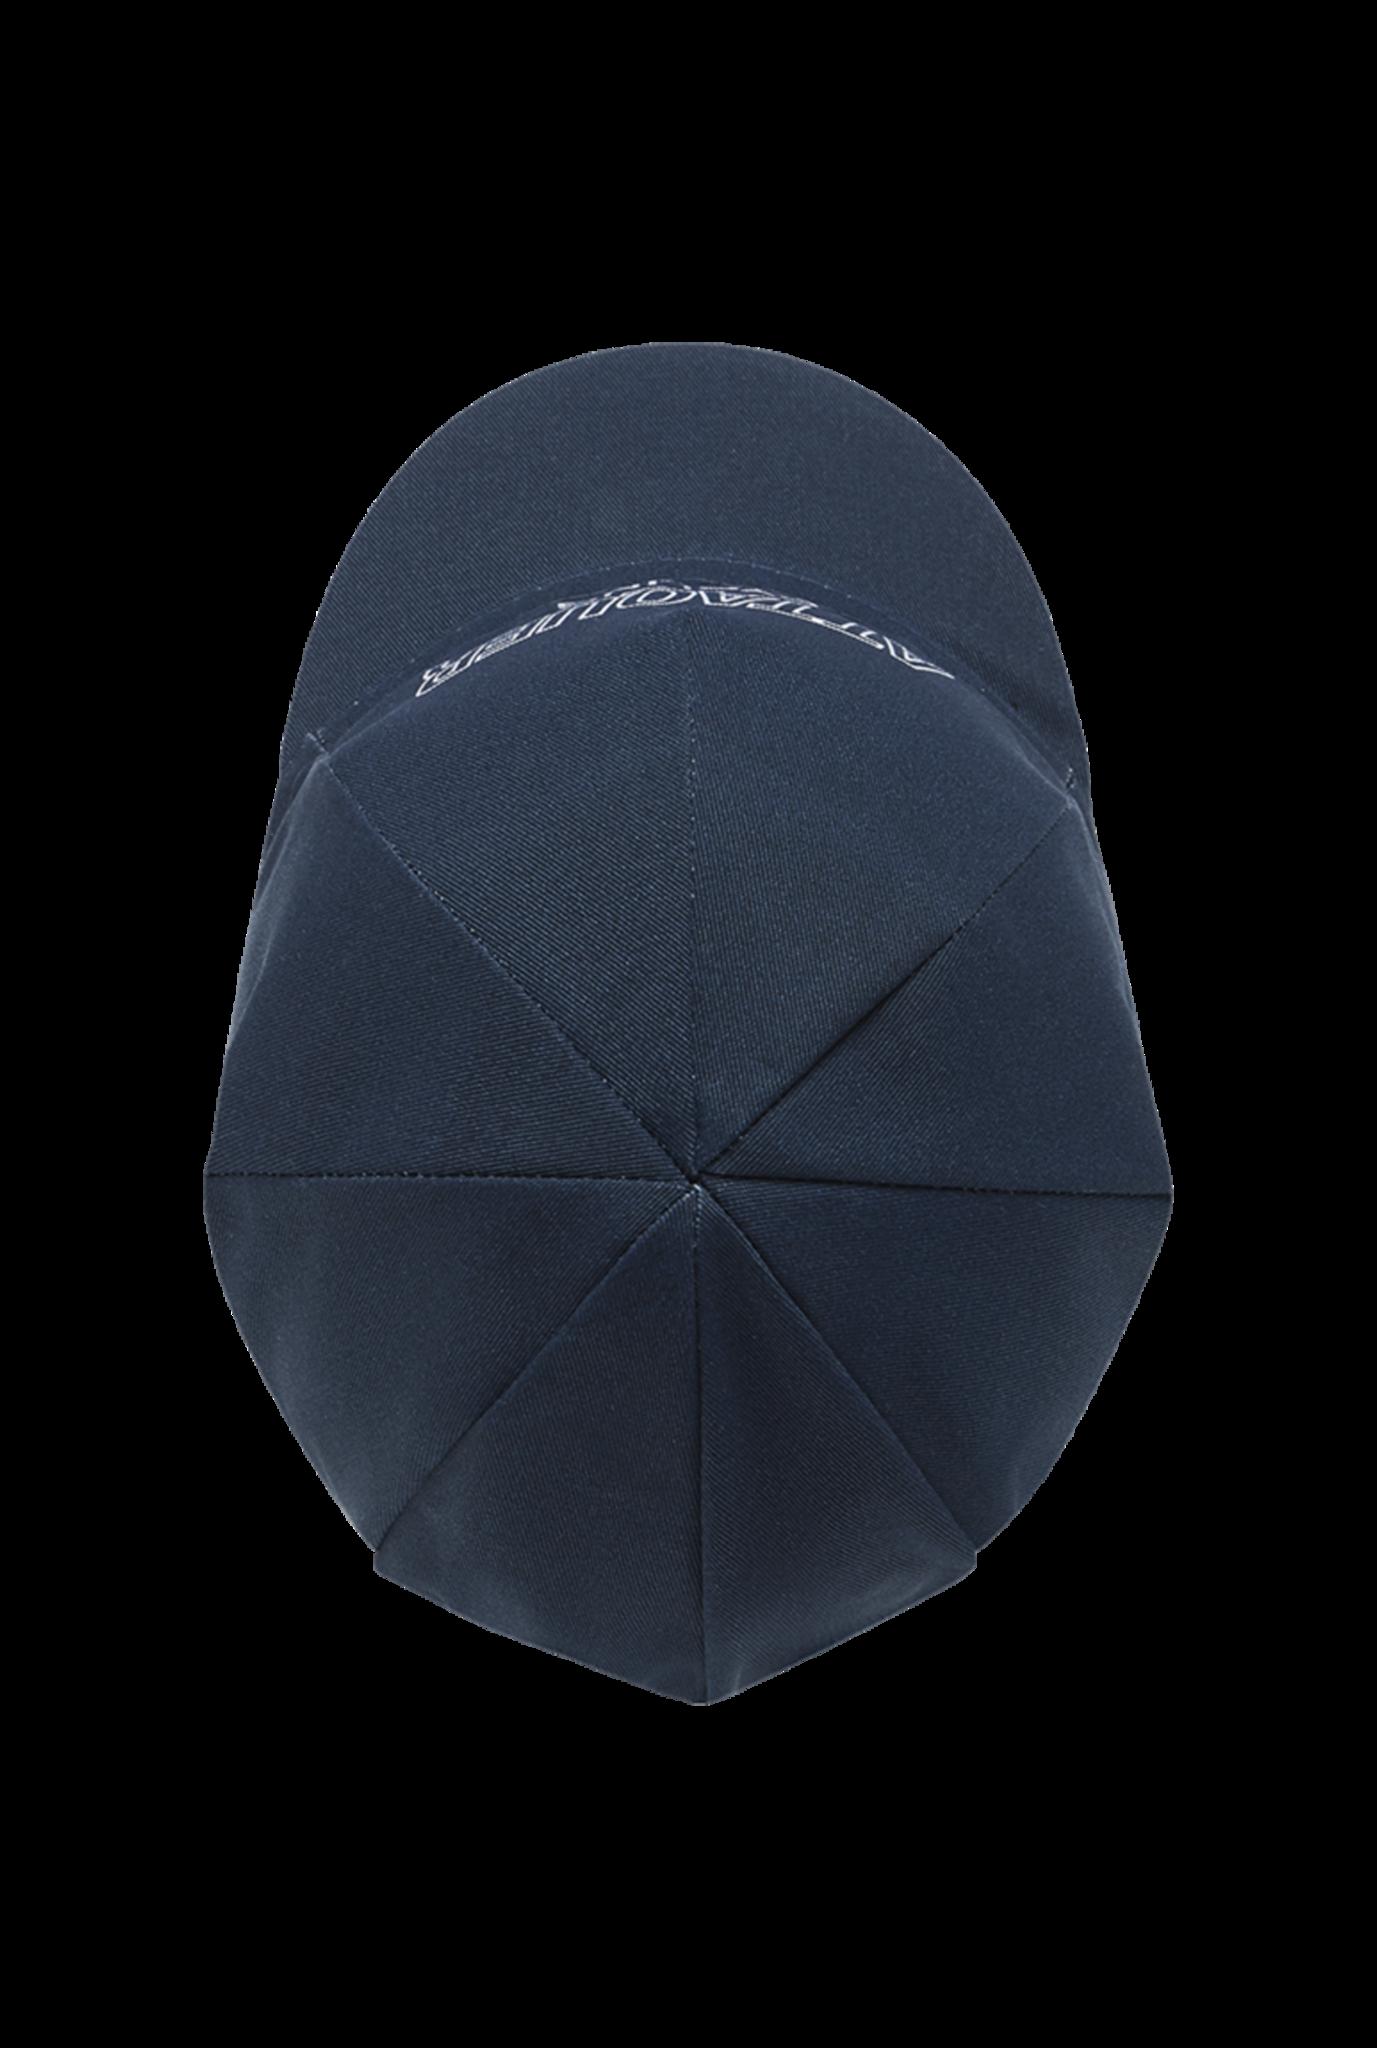 Outliner Logo Koerspet Blauw-3